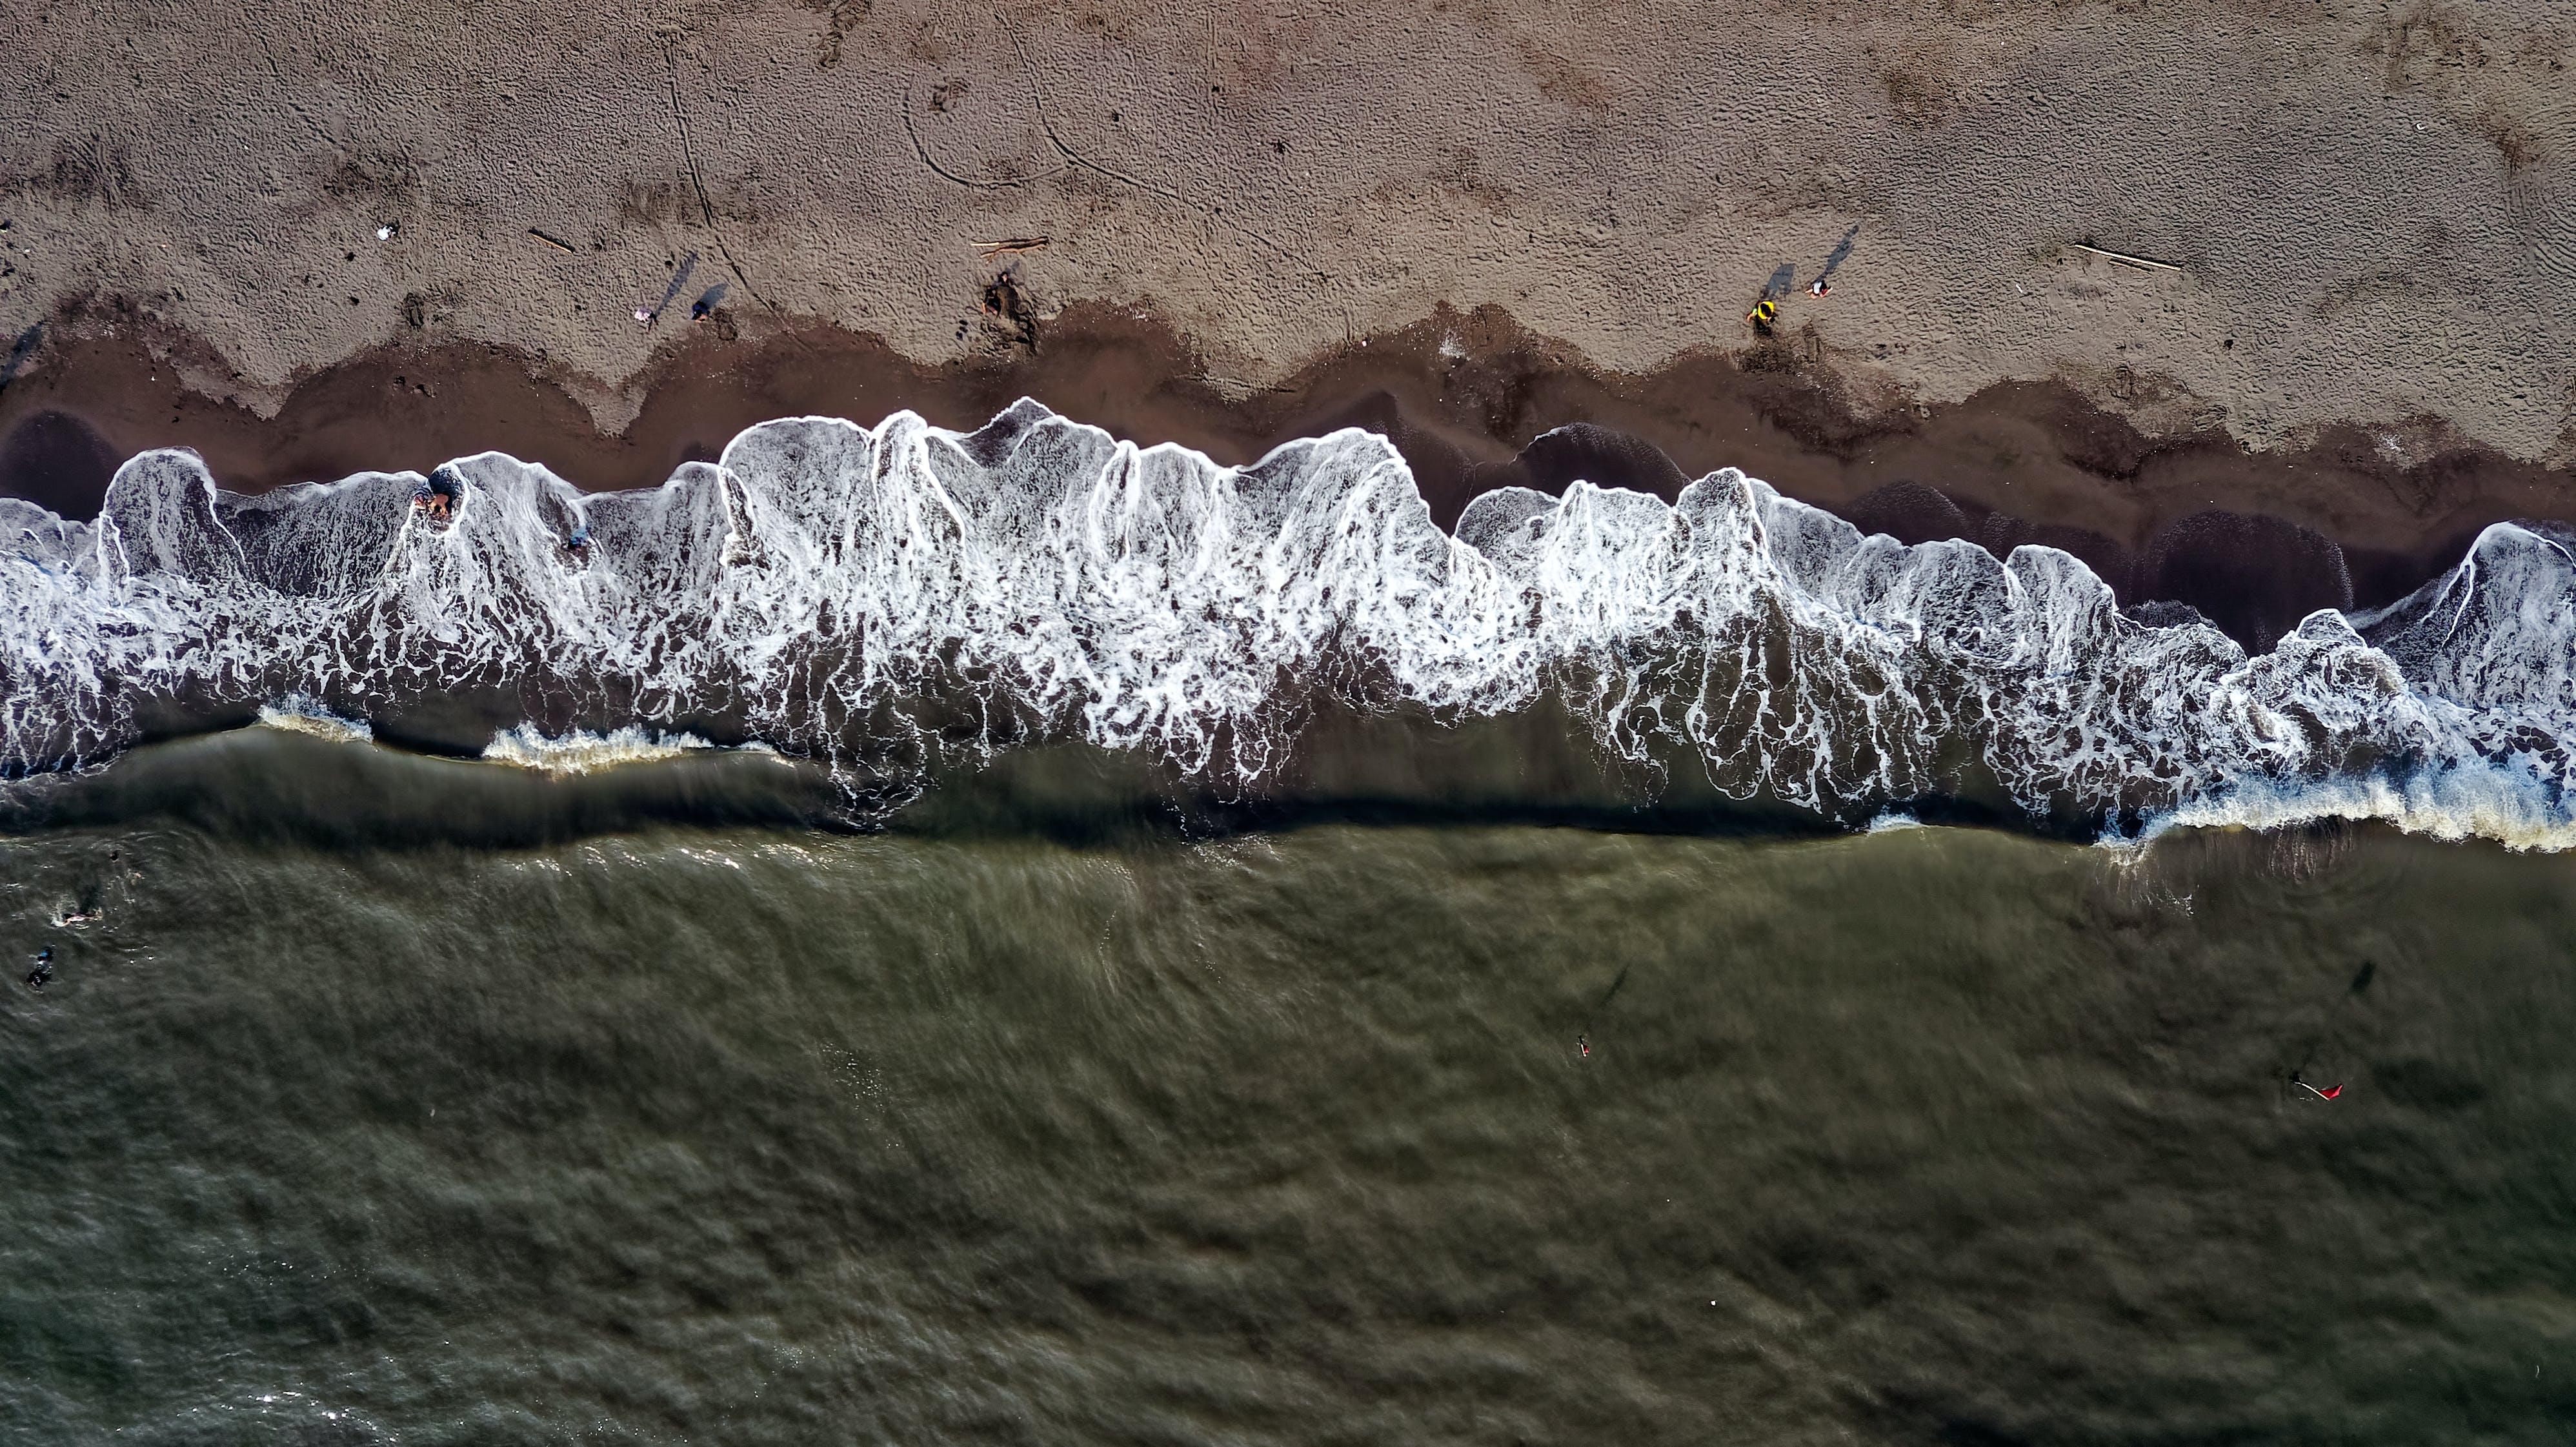 Bird's Eye Photography of Seashore